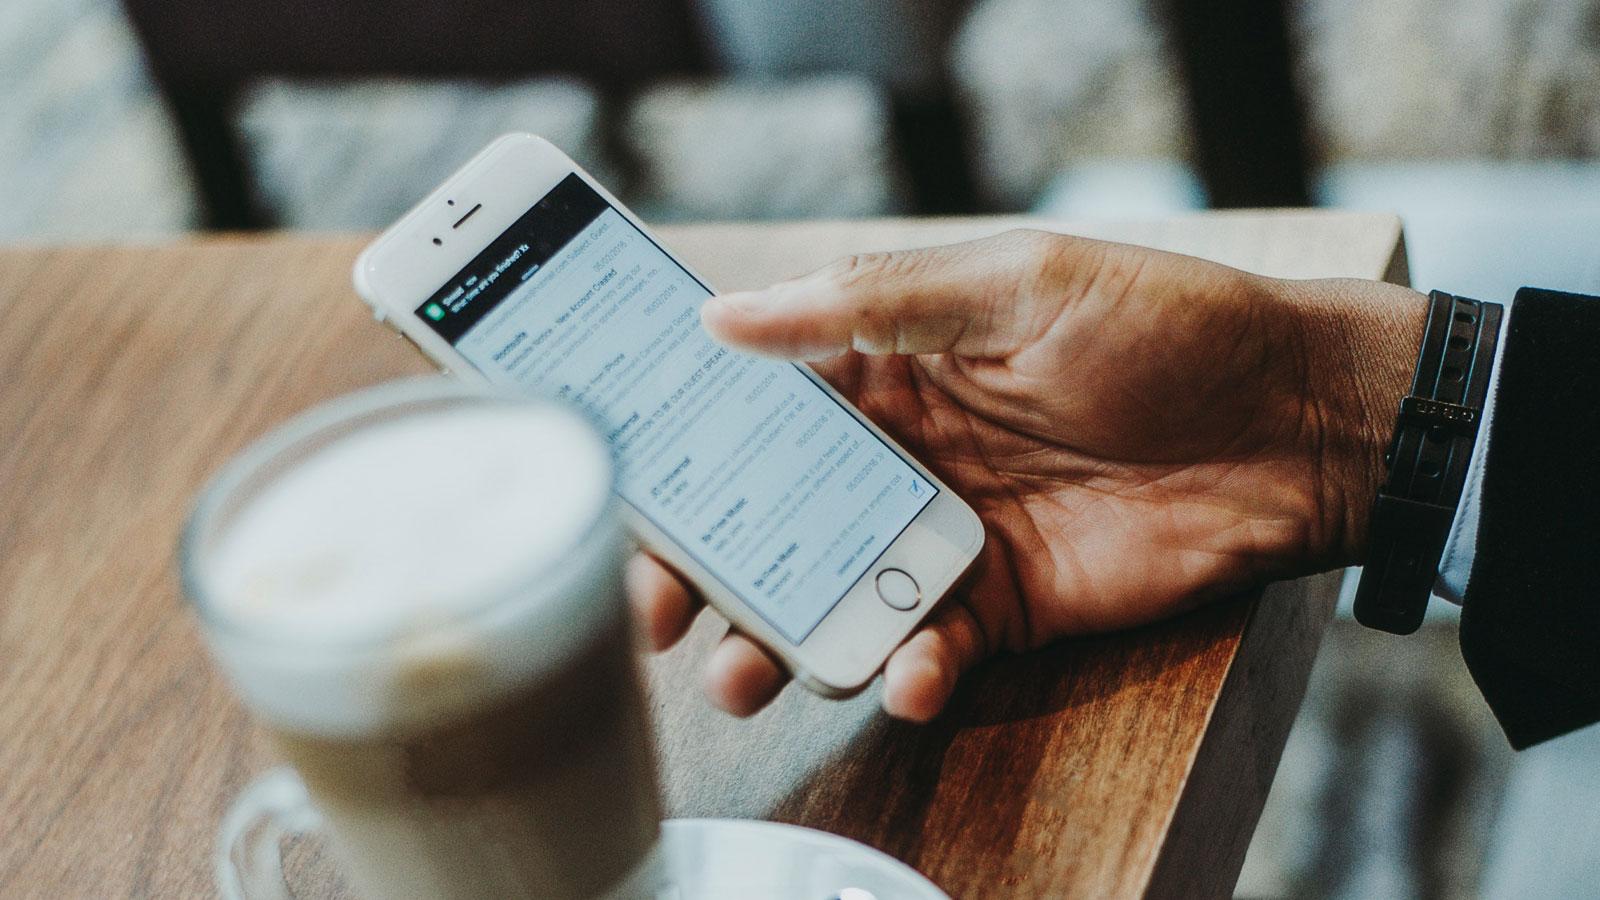 Alternativen zu Standard-Apps für E-Mails